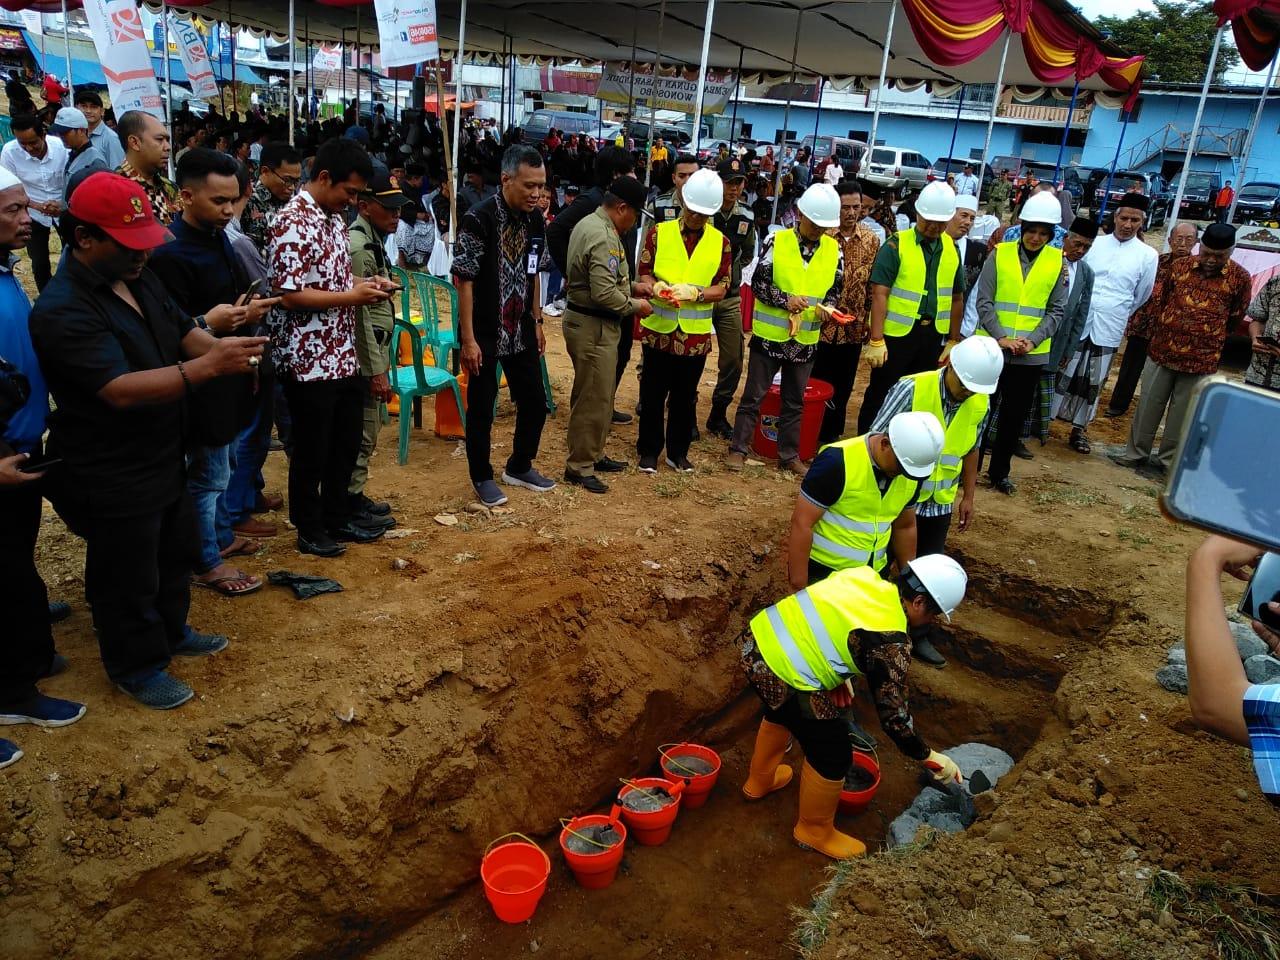 Direncanakan Pembangunan Pasar Induk Wonosobo Selesai dalam 14 Bulan